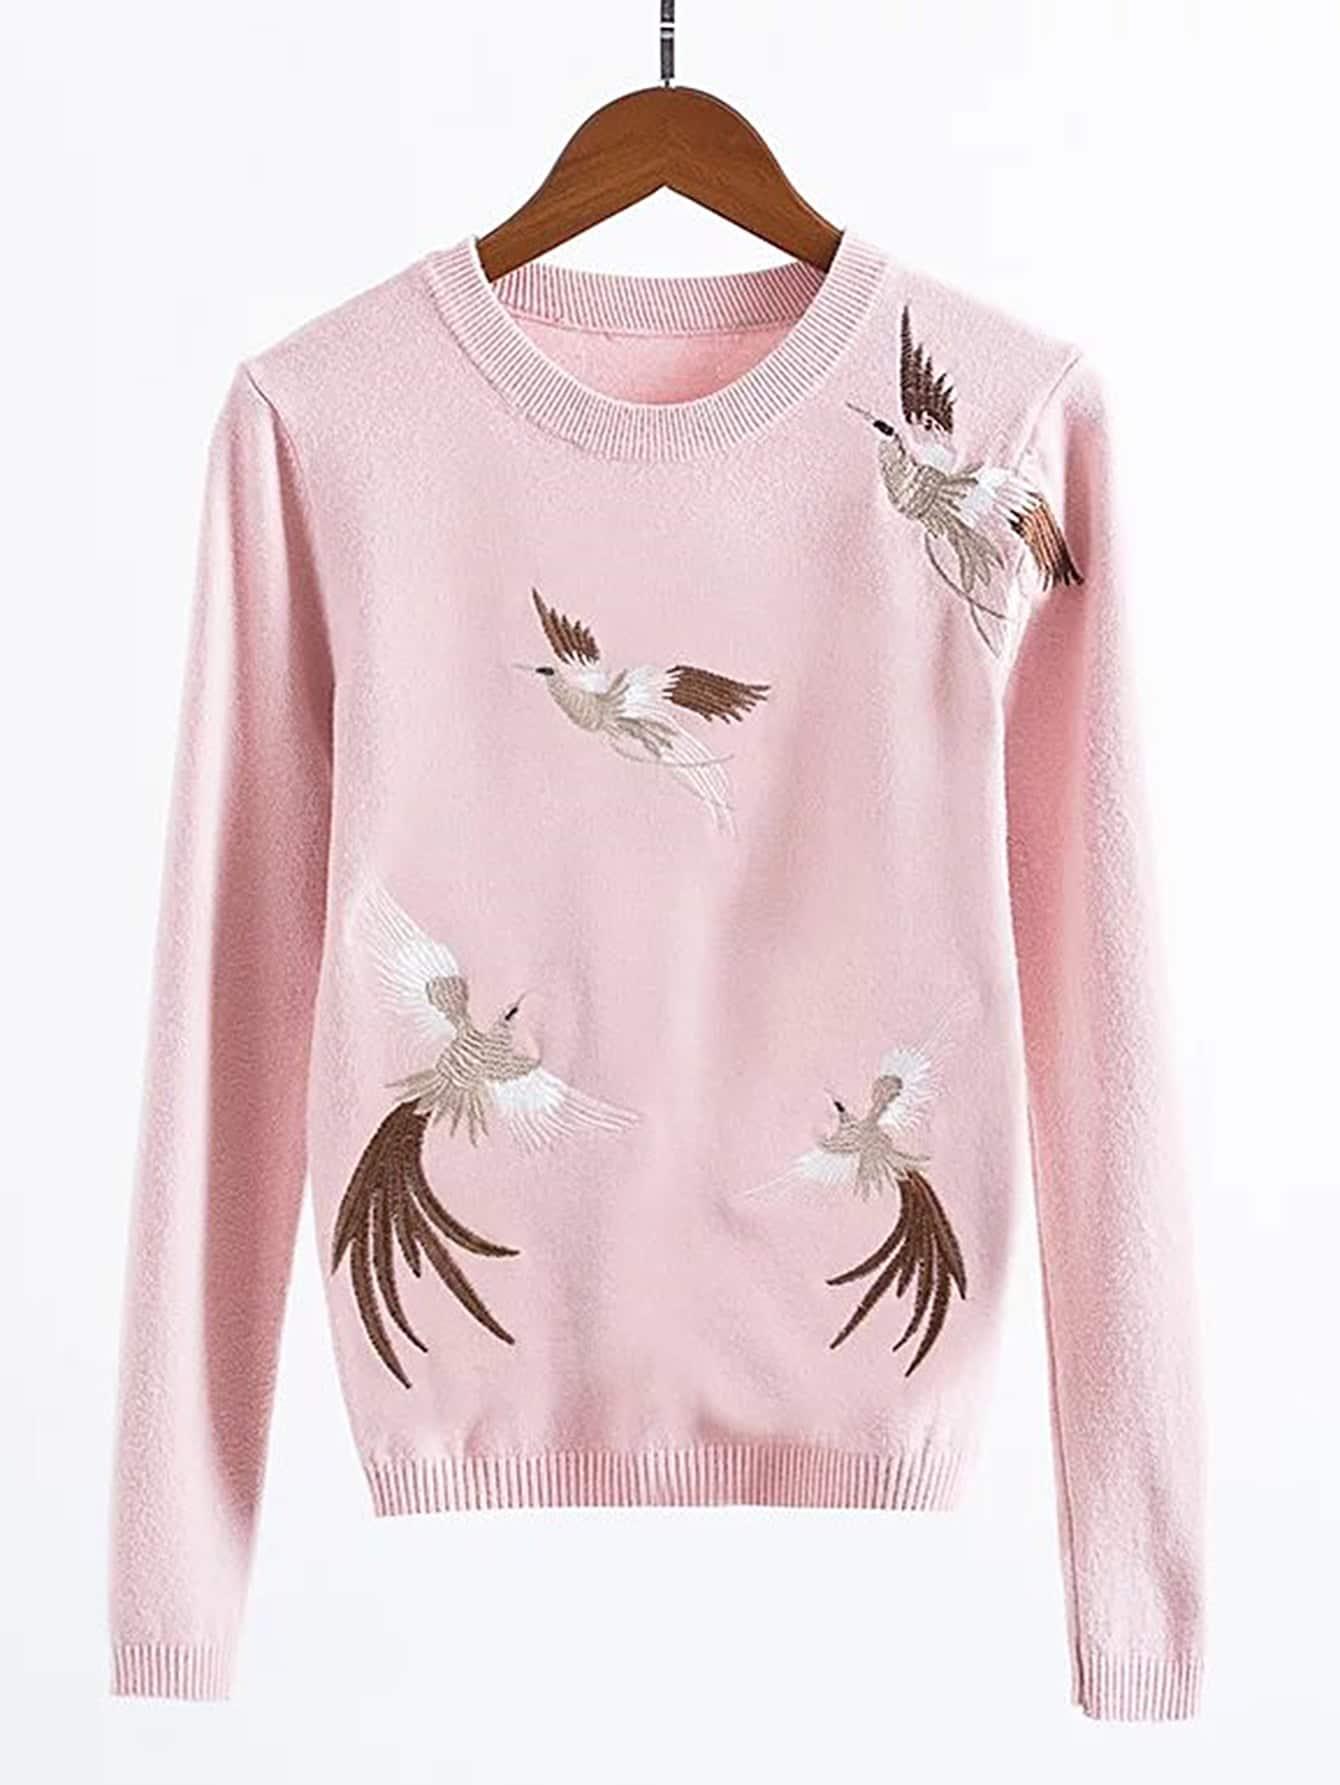 Фото Cranes Embroidery Ribbed Trim Knitwear. Купить с доставкой